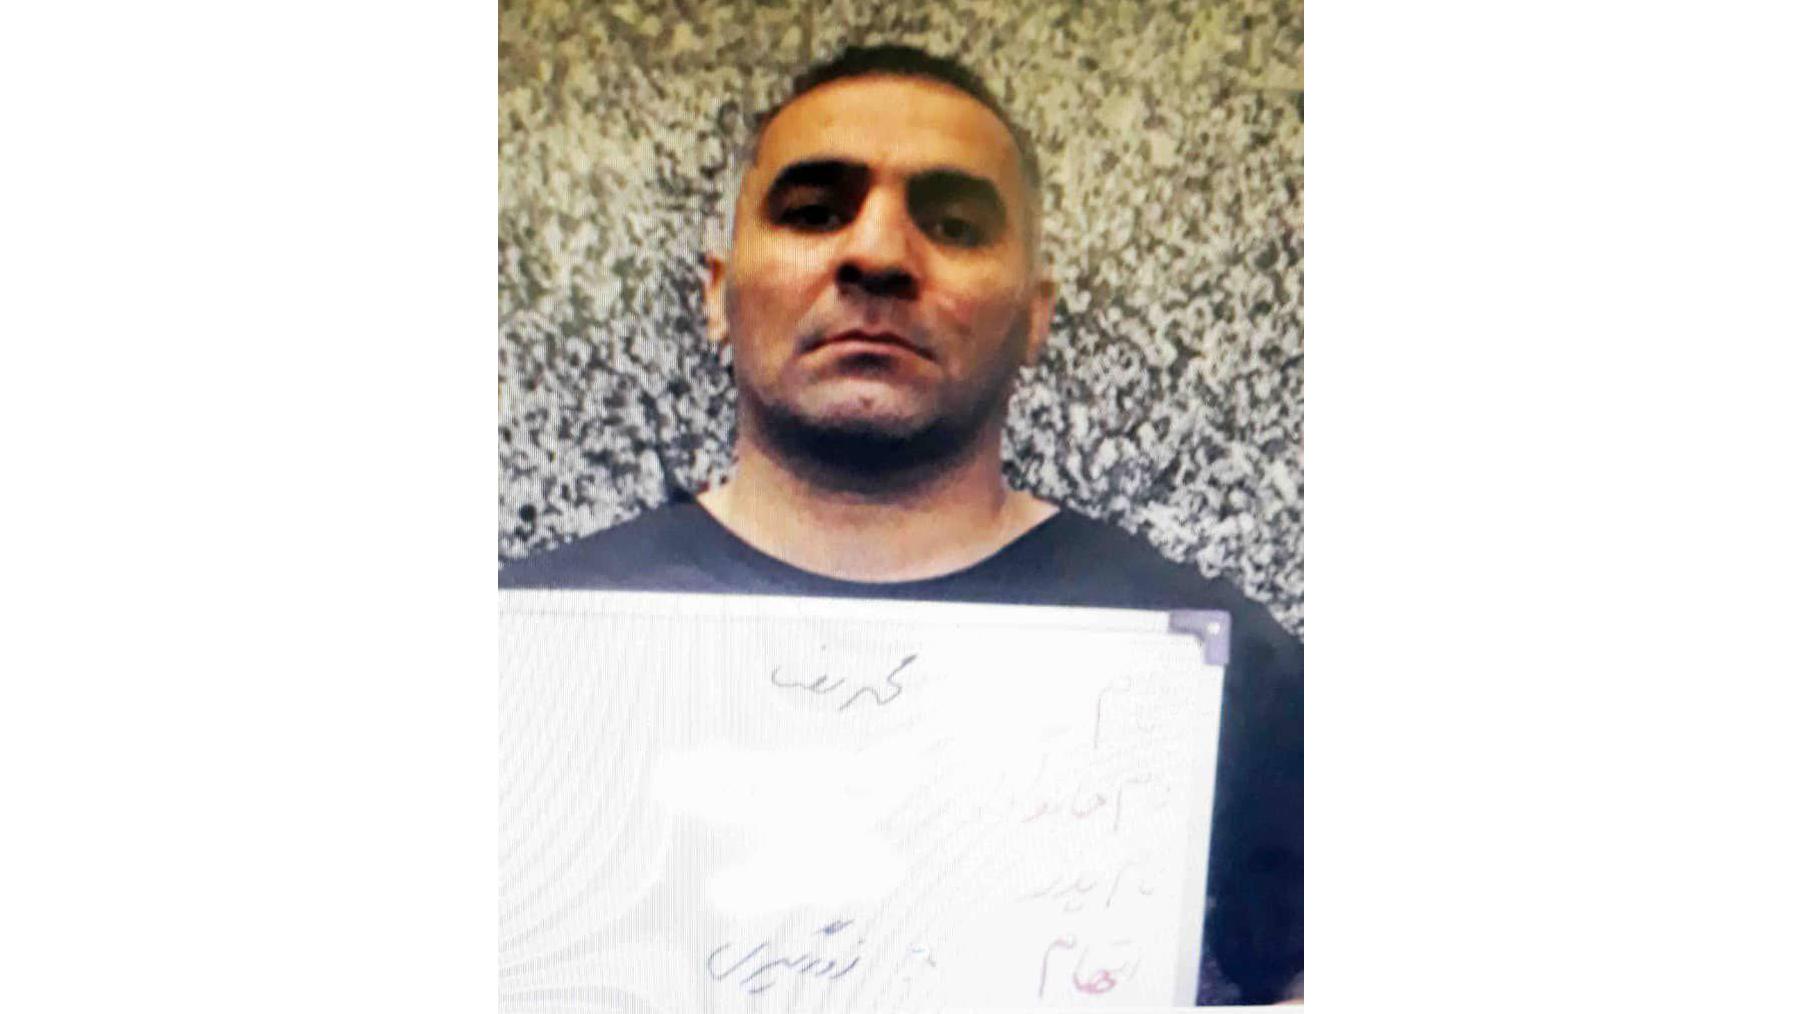 این مرد پلید را می شناسید؟ / شیطان تلگرامی دختران تهرانی را به خانه خالی می کشاند! + عکس